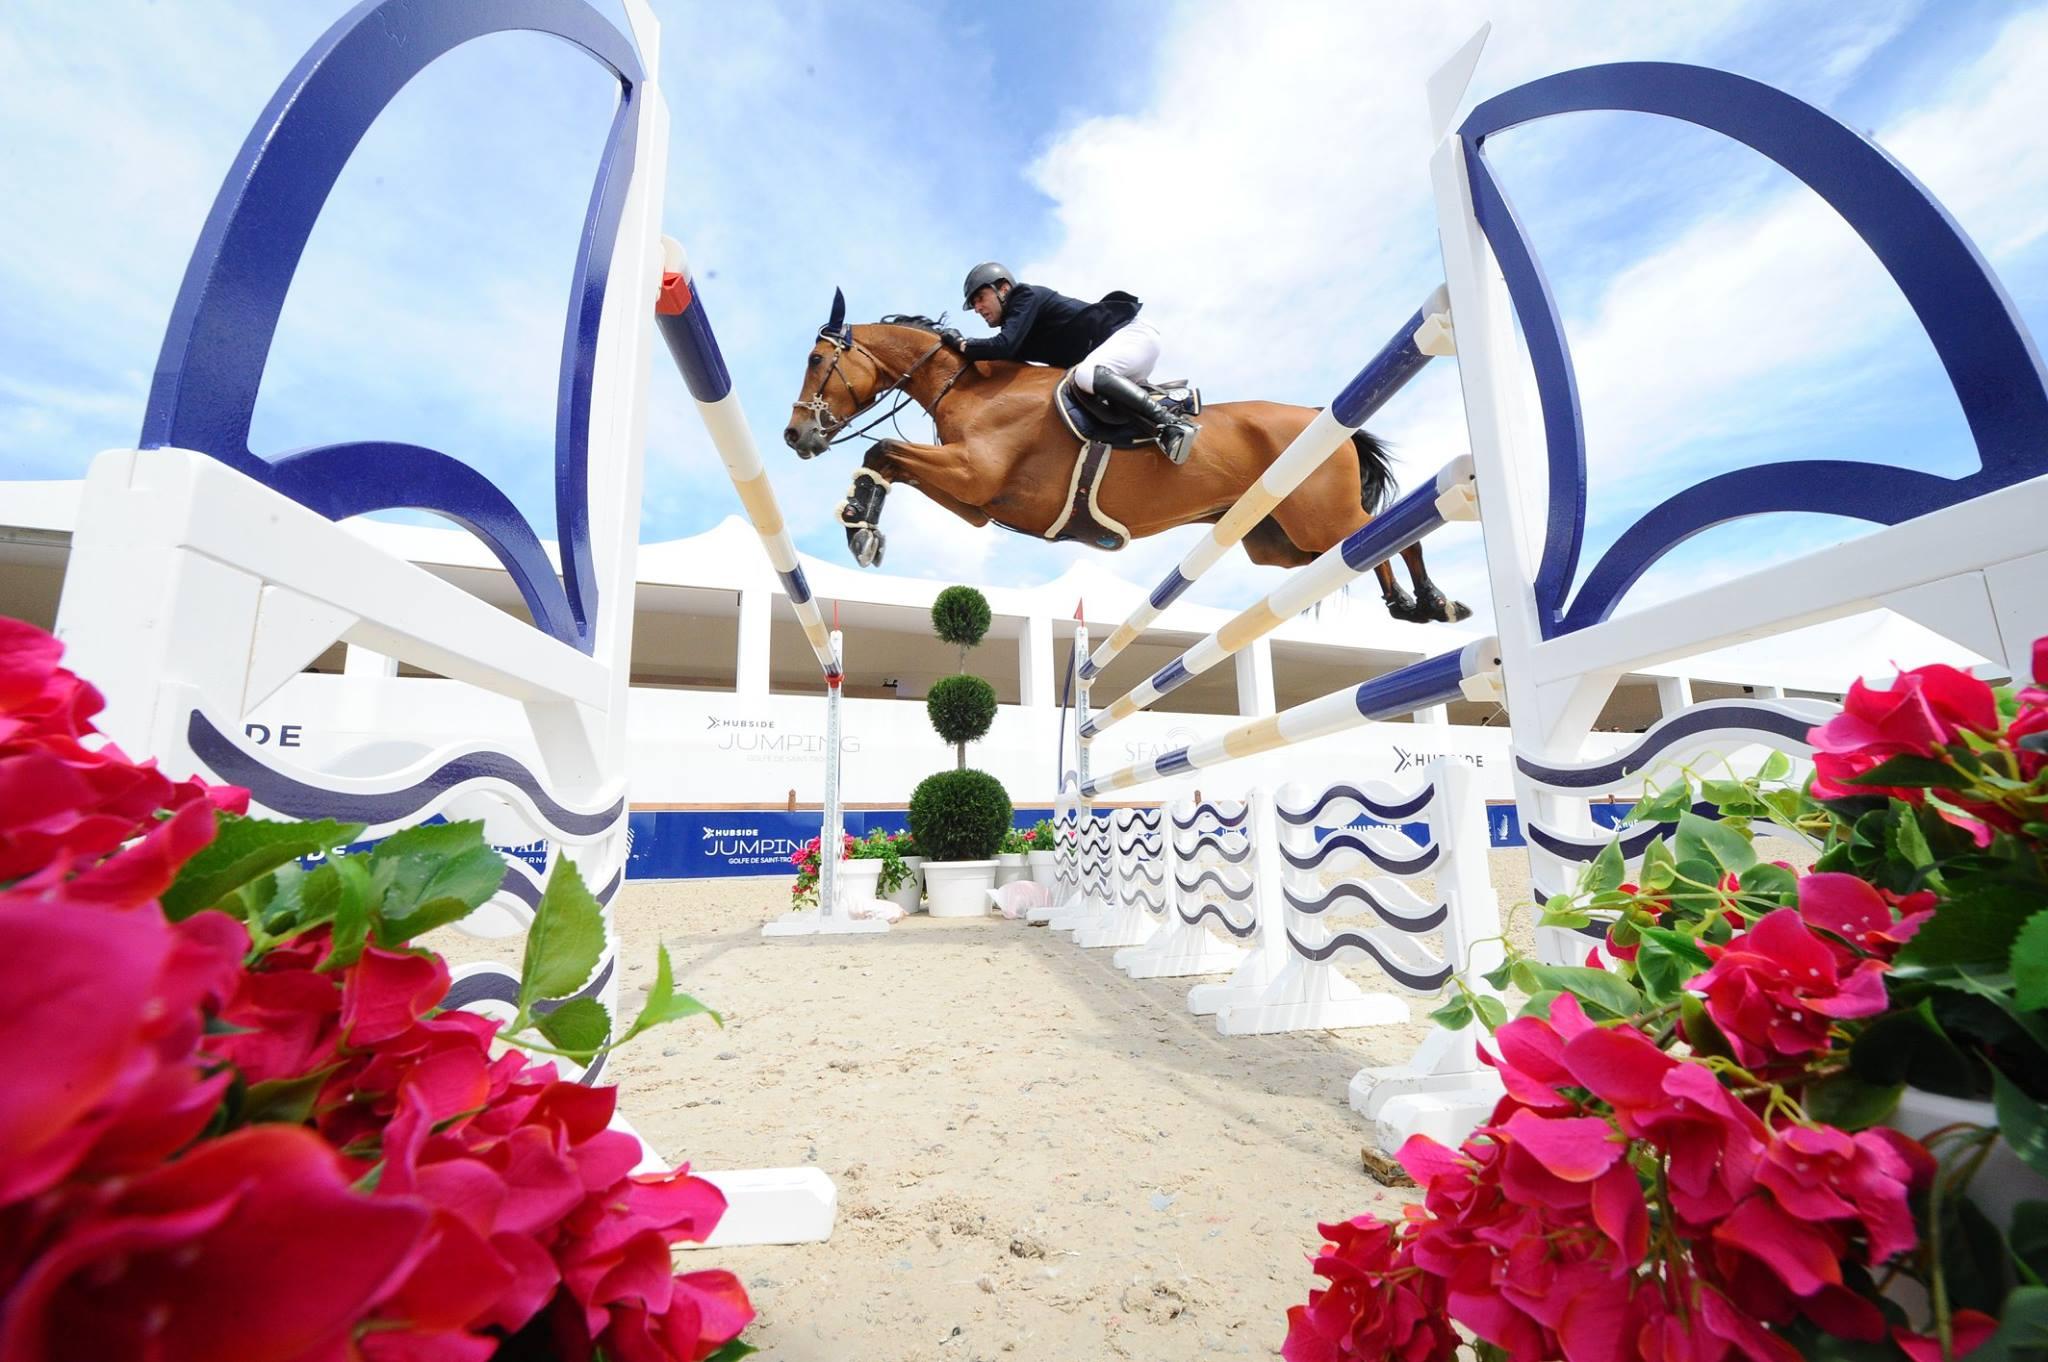 Nieuw Grand Prix-paard voor Cian O'Connor